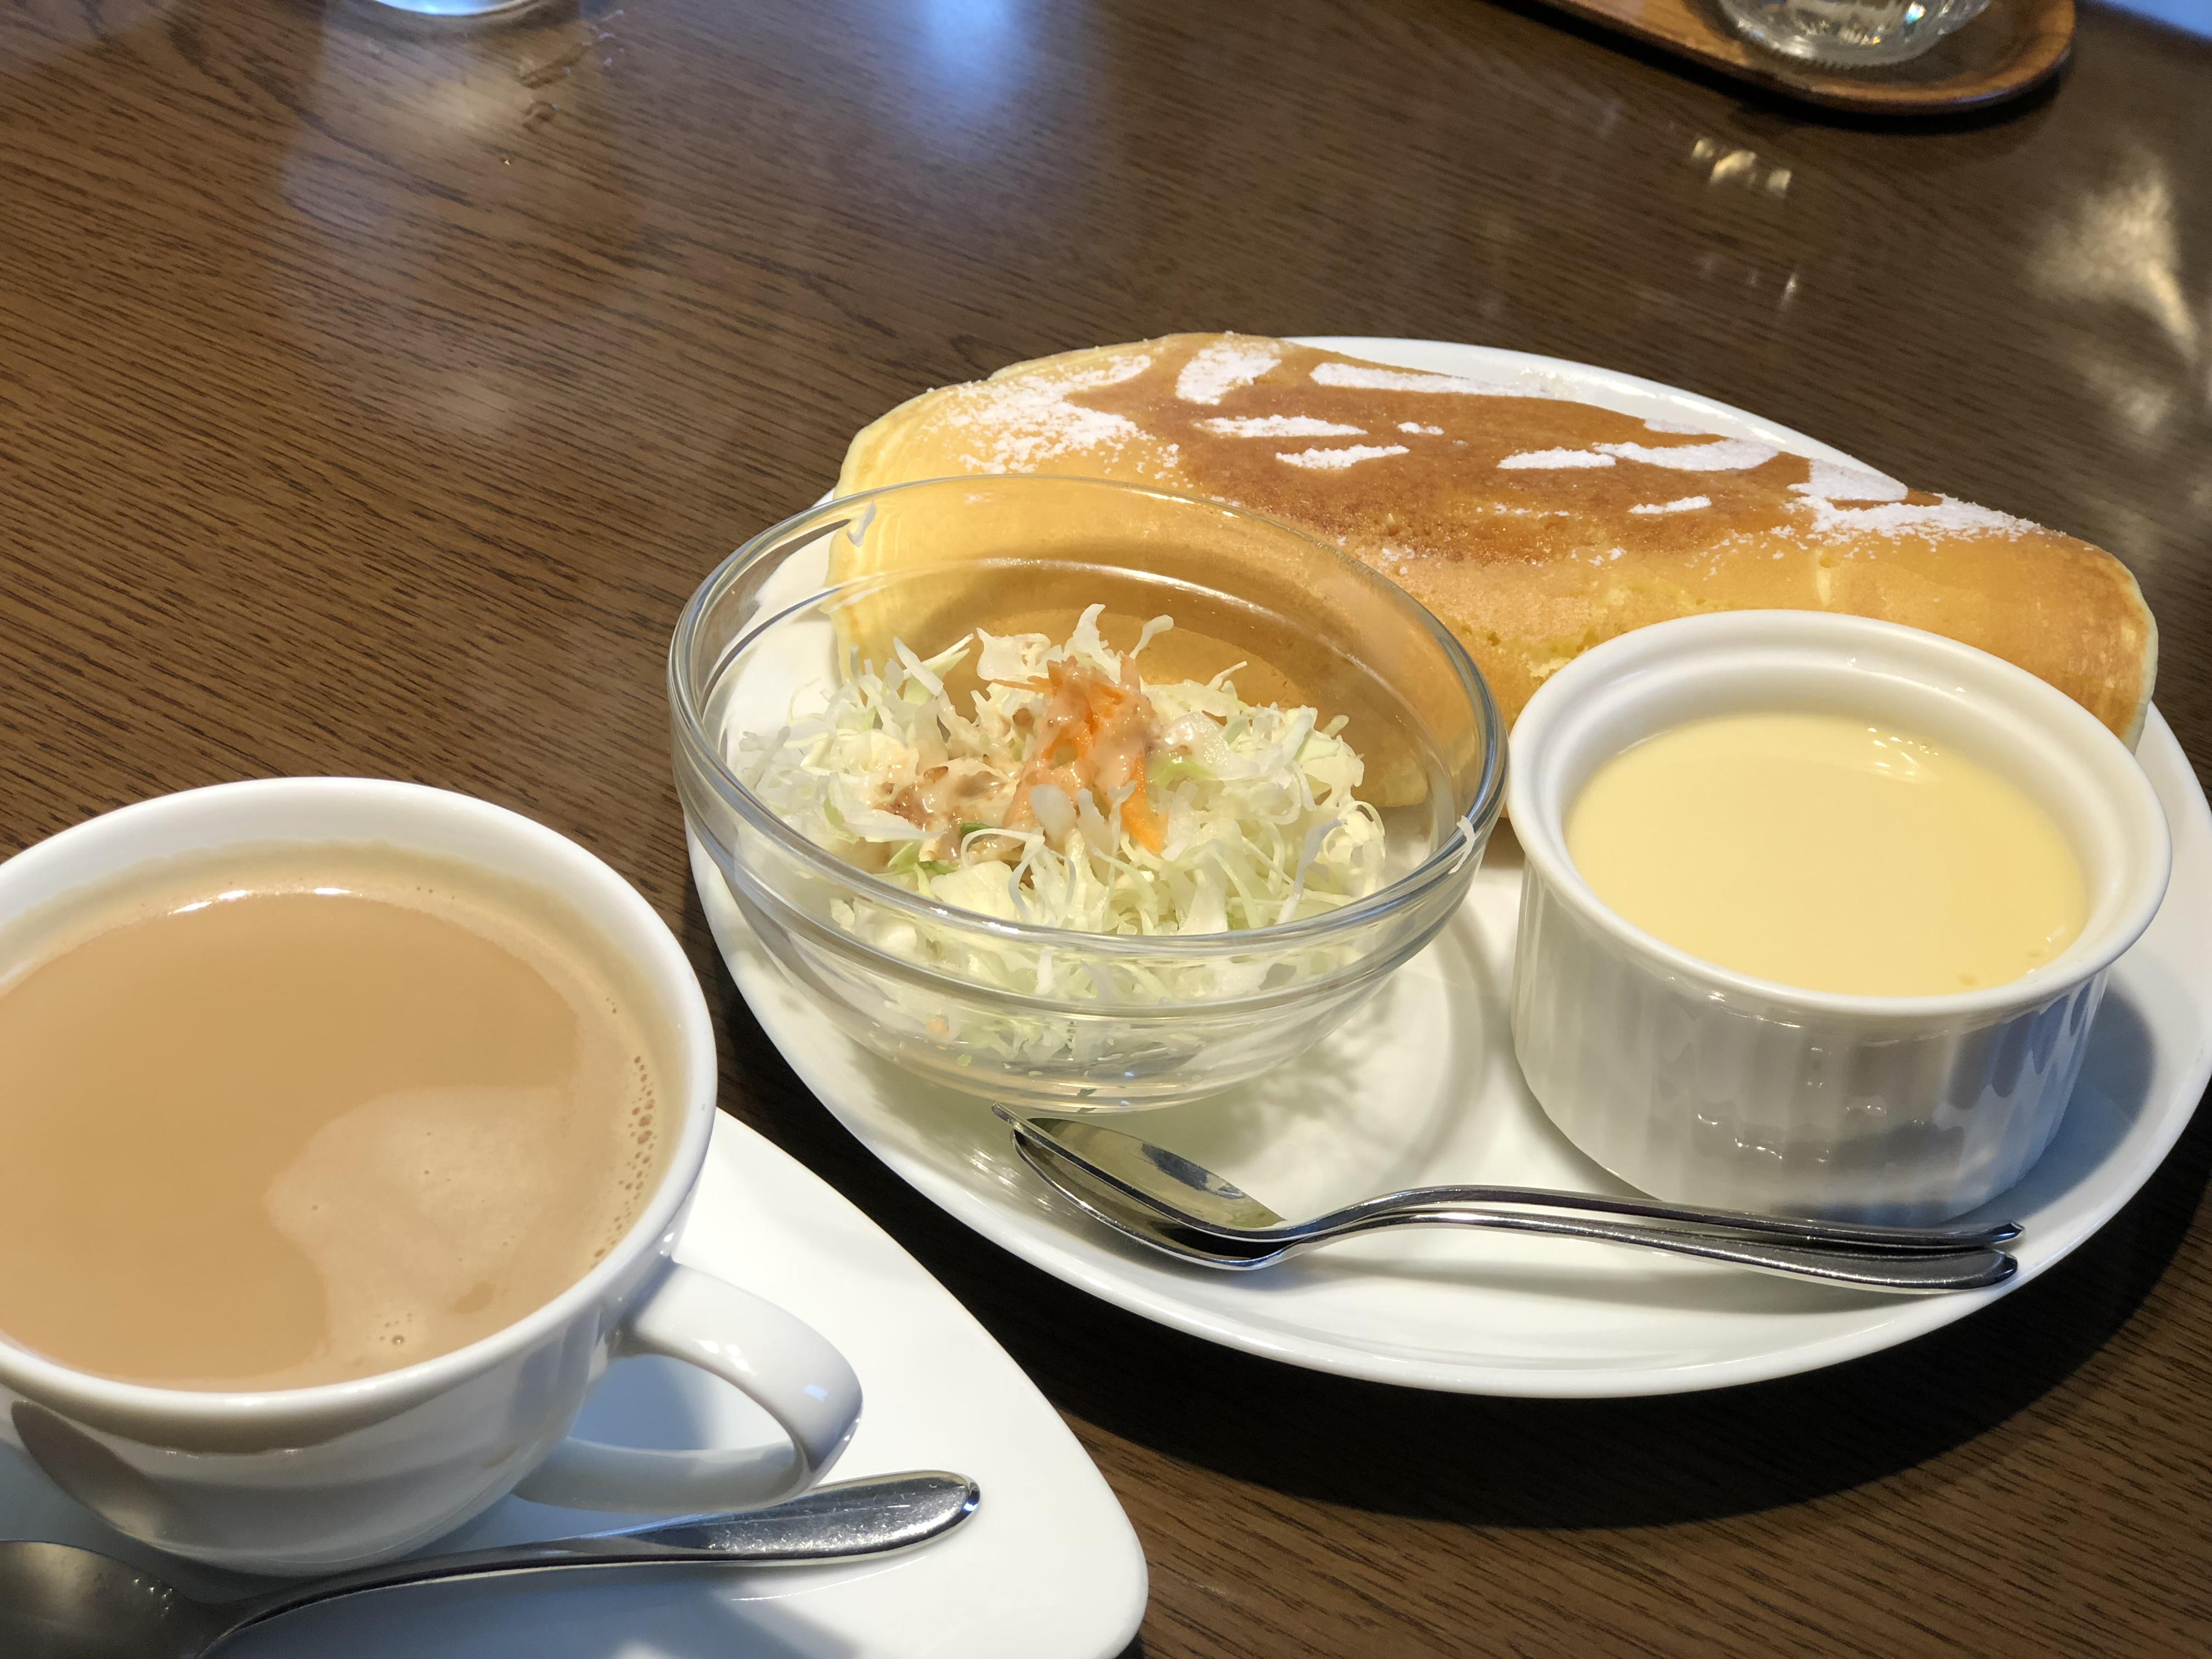 岐阜県大垣市おすすめモーニング ヌーヴォーカフェはコスパの良いお店